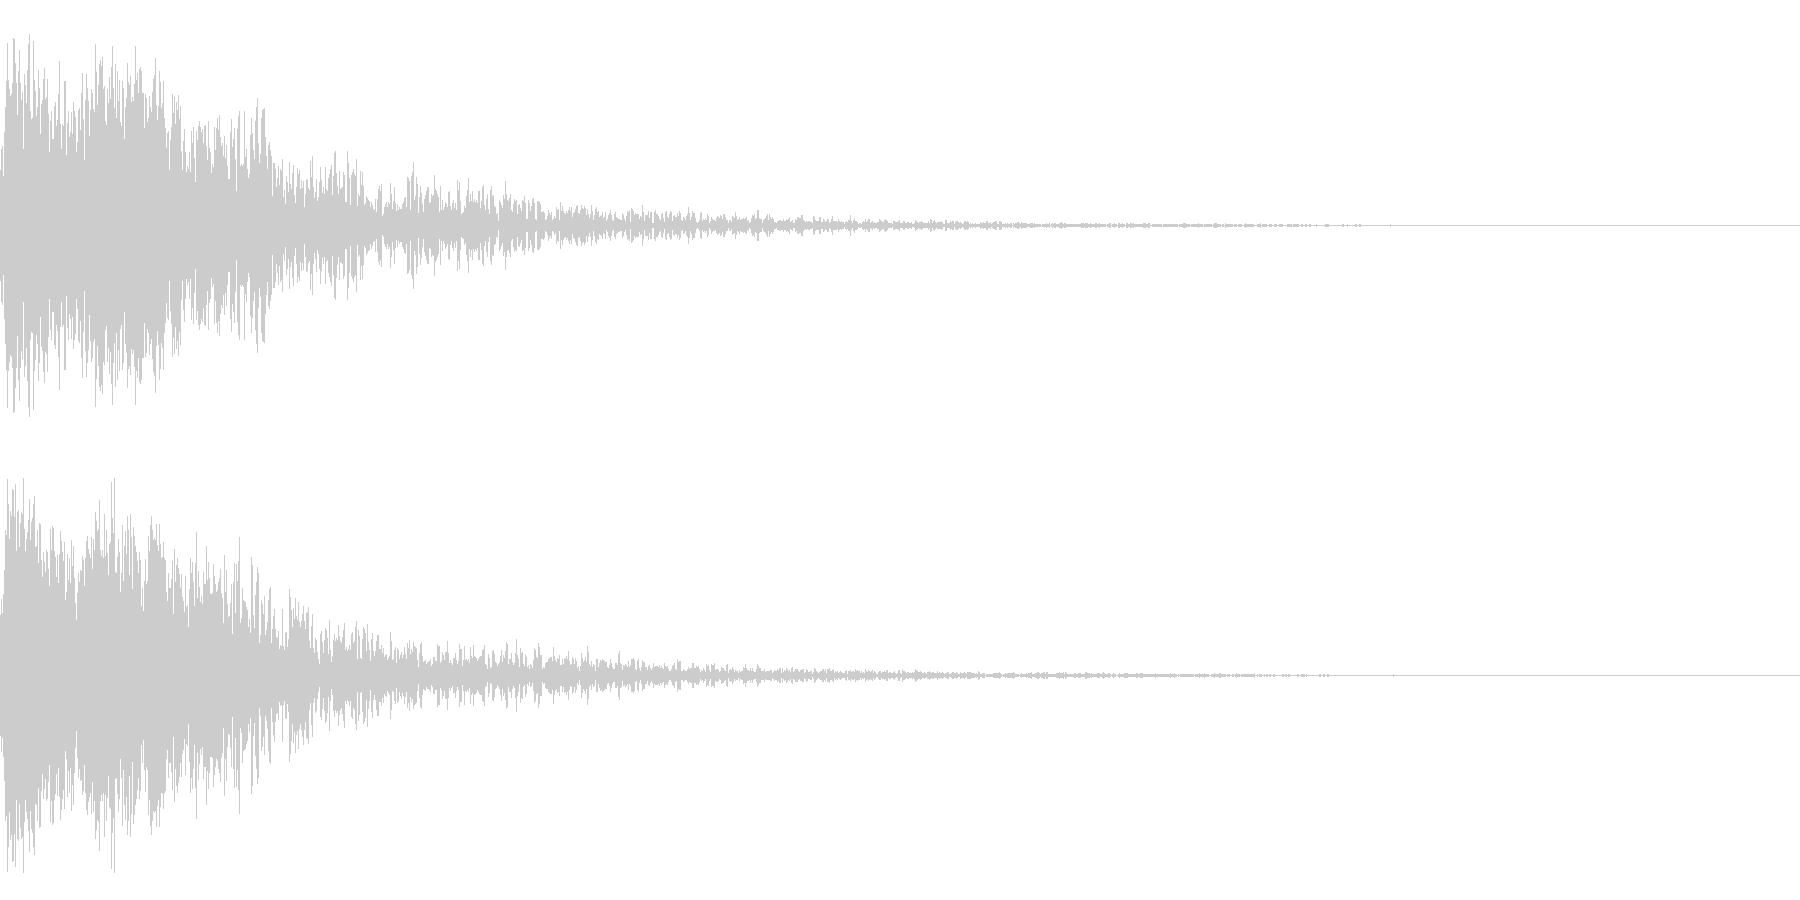 和風 オーケストラヒット ジングル!3bの未再生の波形